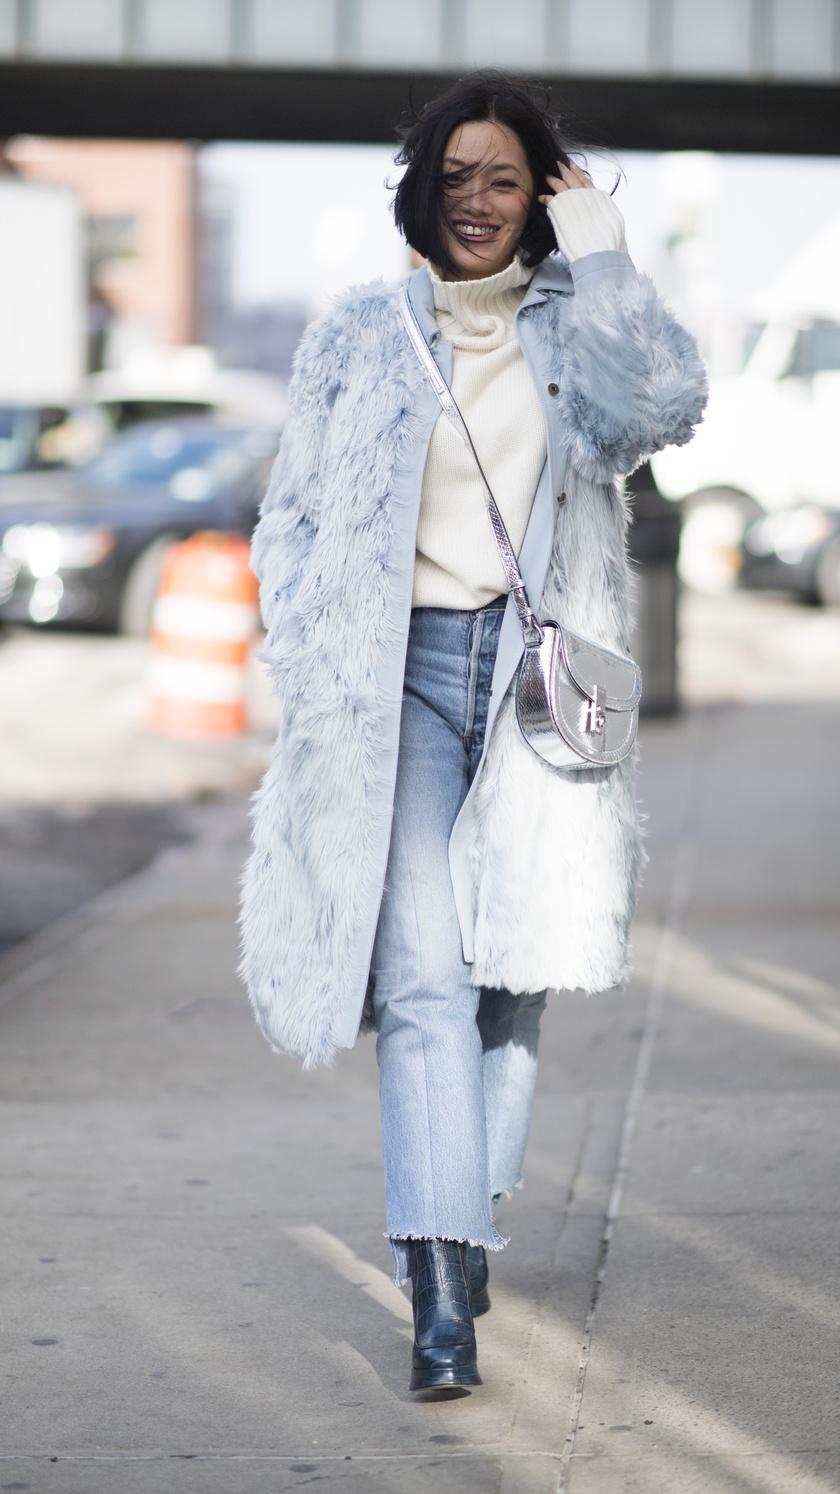 A világos árnyalatú farmert kombináld halvány, púderszínű felsővel és kabáttal. Rendkívül romantikus és nőies lesz az összhatás. Még sikkesebb lehetsz idén, ha fehér cipőt választasz hozzá.